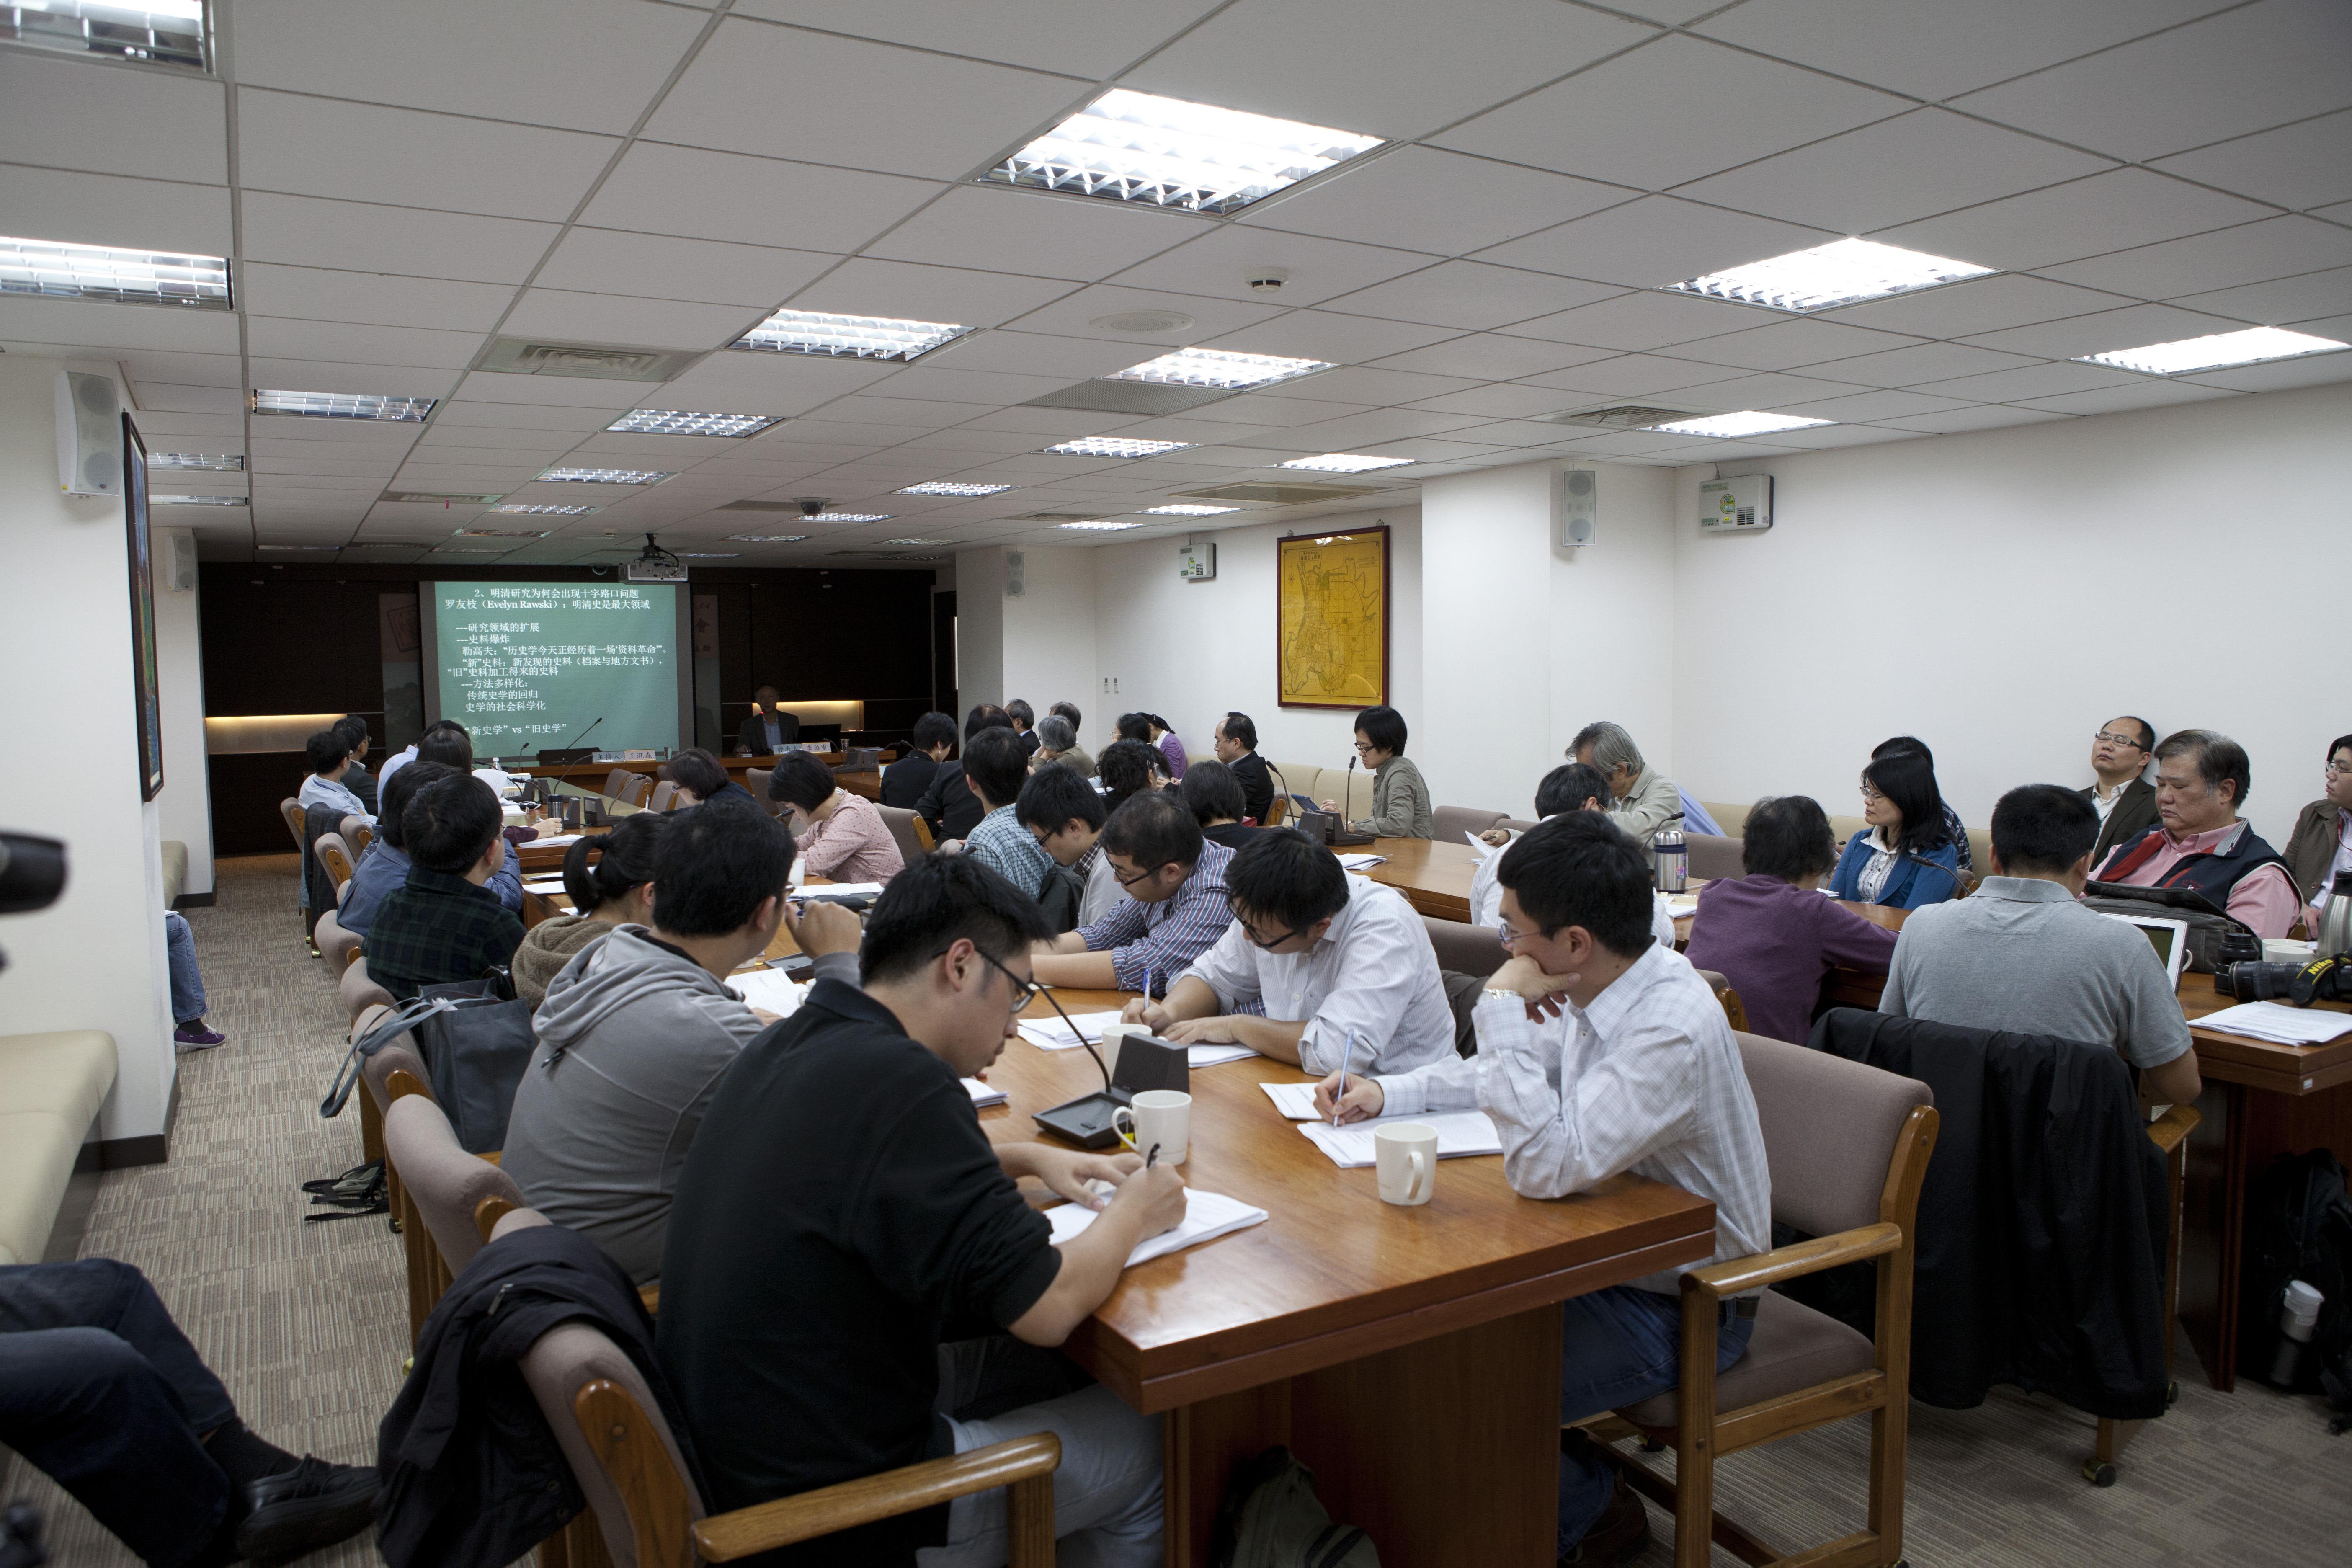 中央研究院明清研究推動委員會主辦「十字路口的明清研究」學術座談會紀要